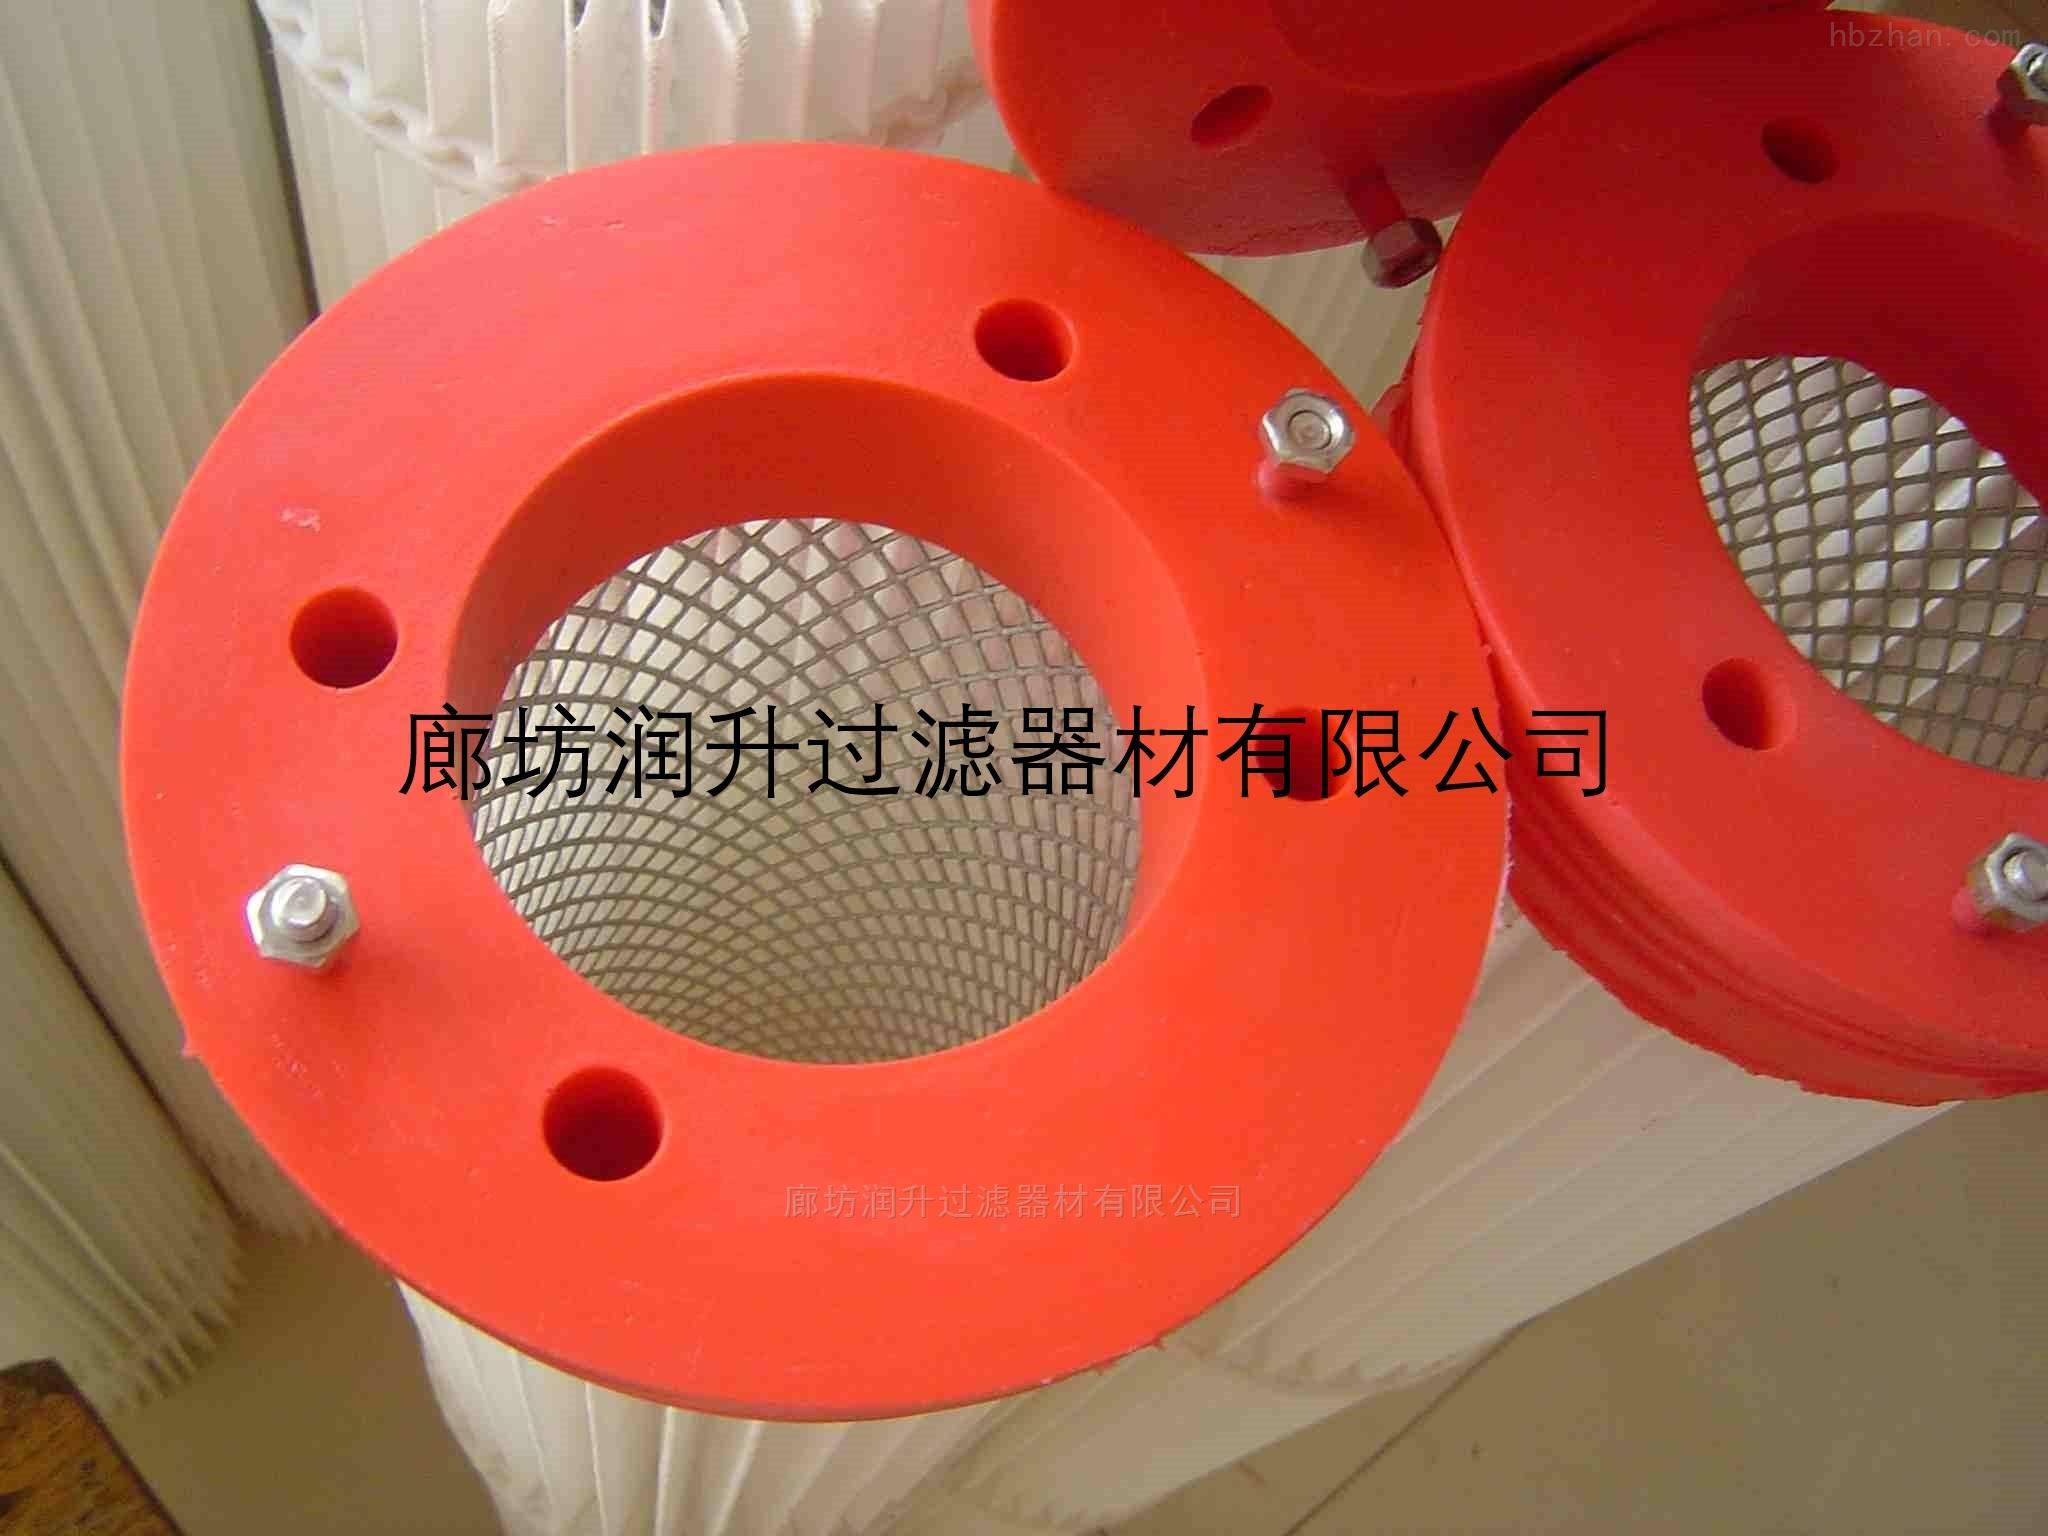 朔州DFM40PP005A01滤芯厂家批发